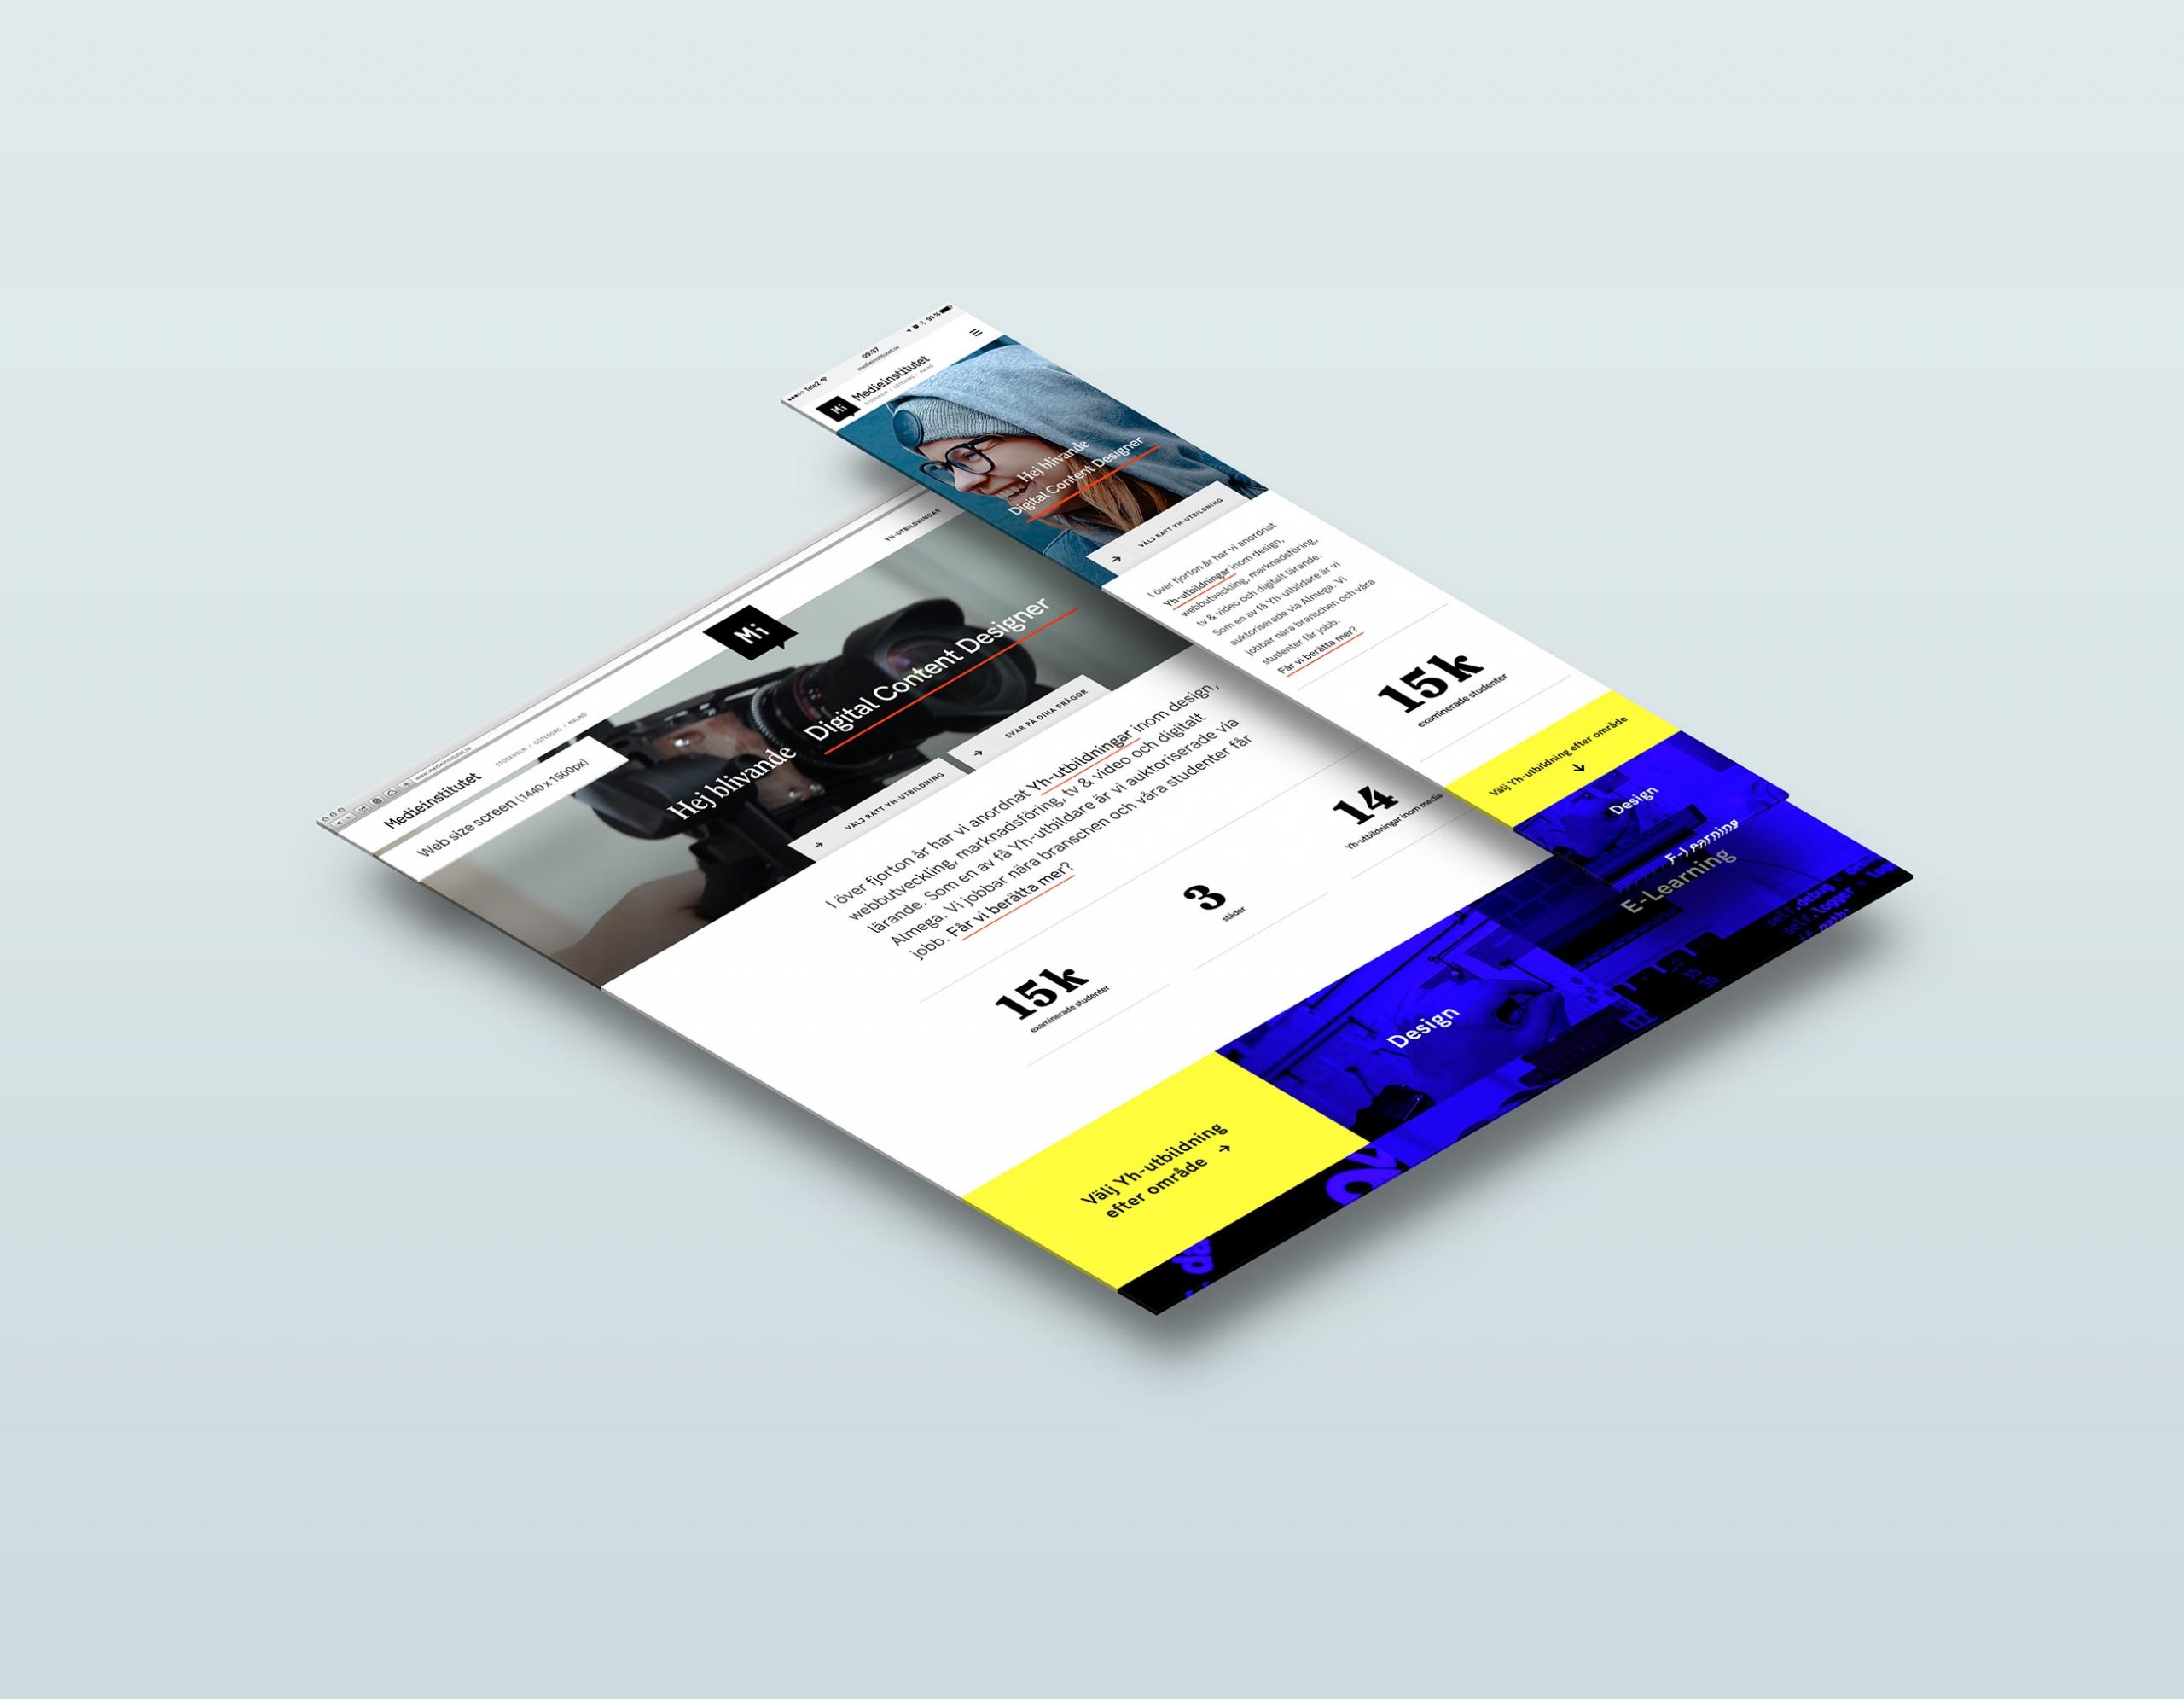 Medieinstitutet webb responsiv Wonderfour